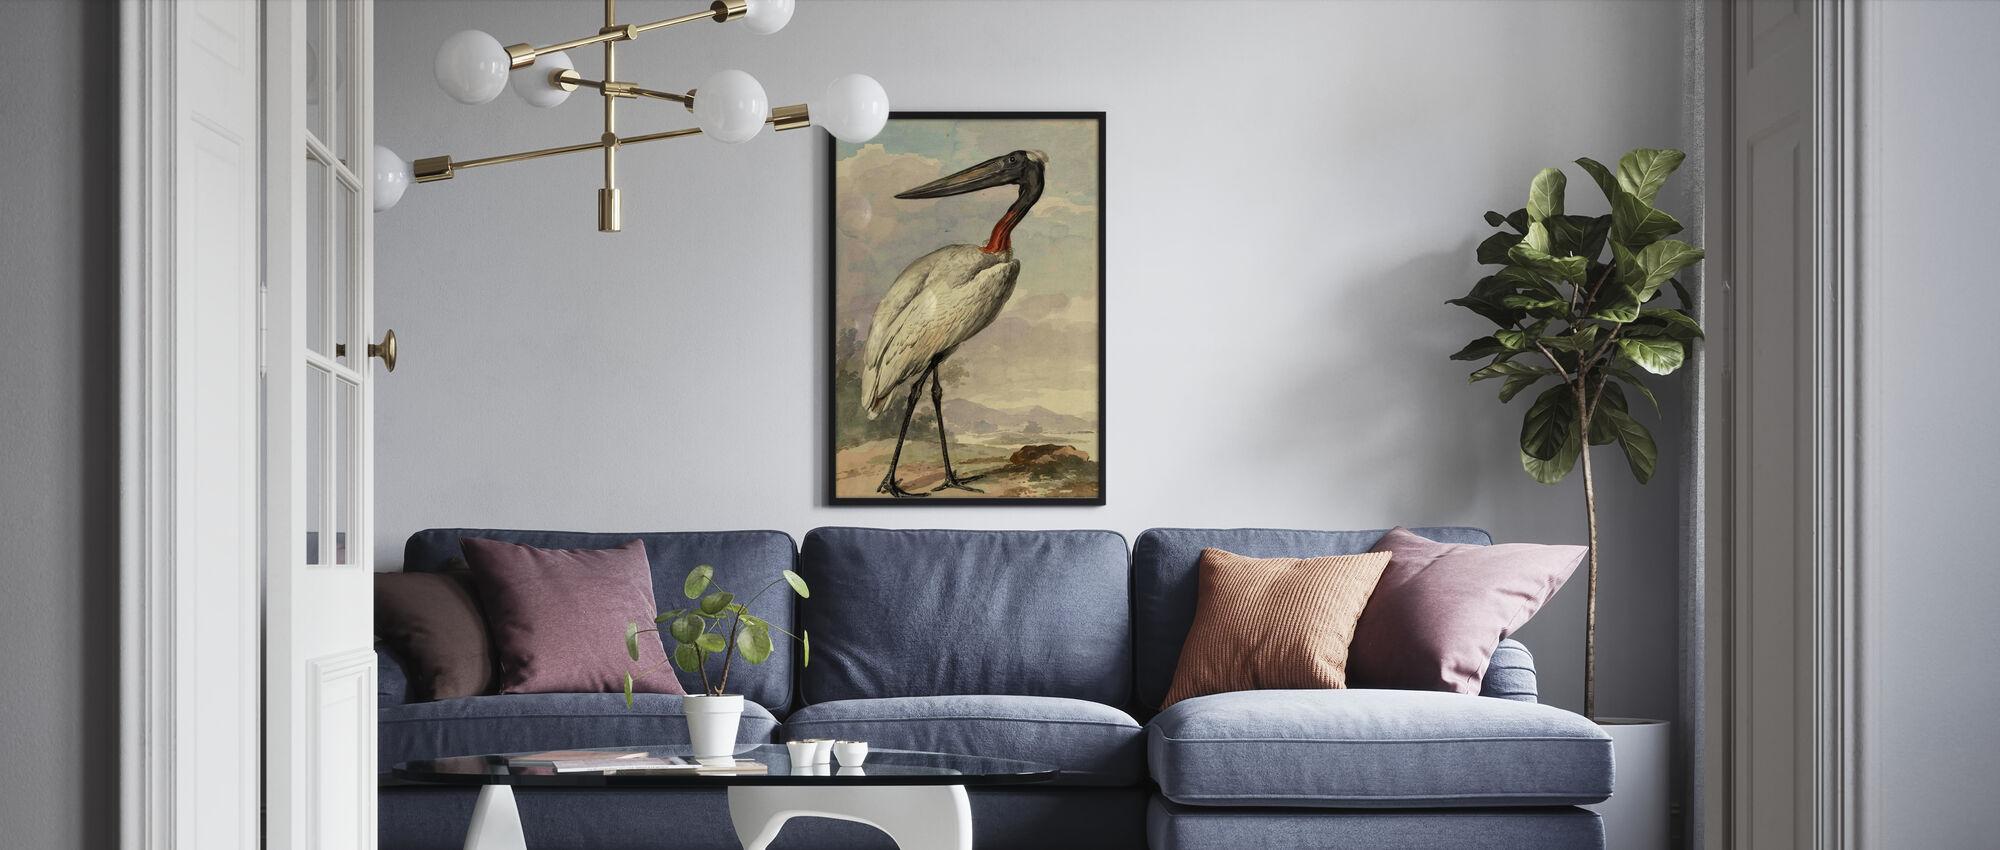 Jabiroe - Aert Schouman - Poster - Wohnzimmer